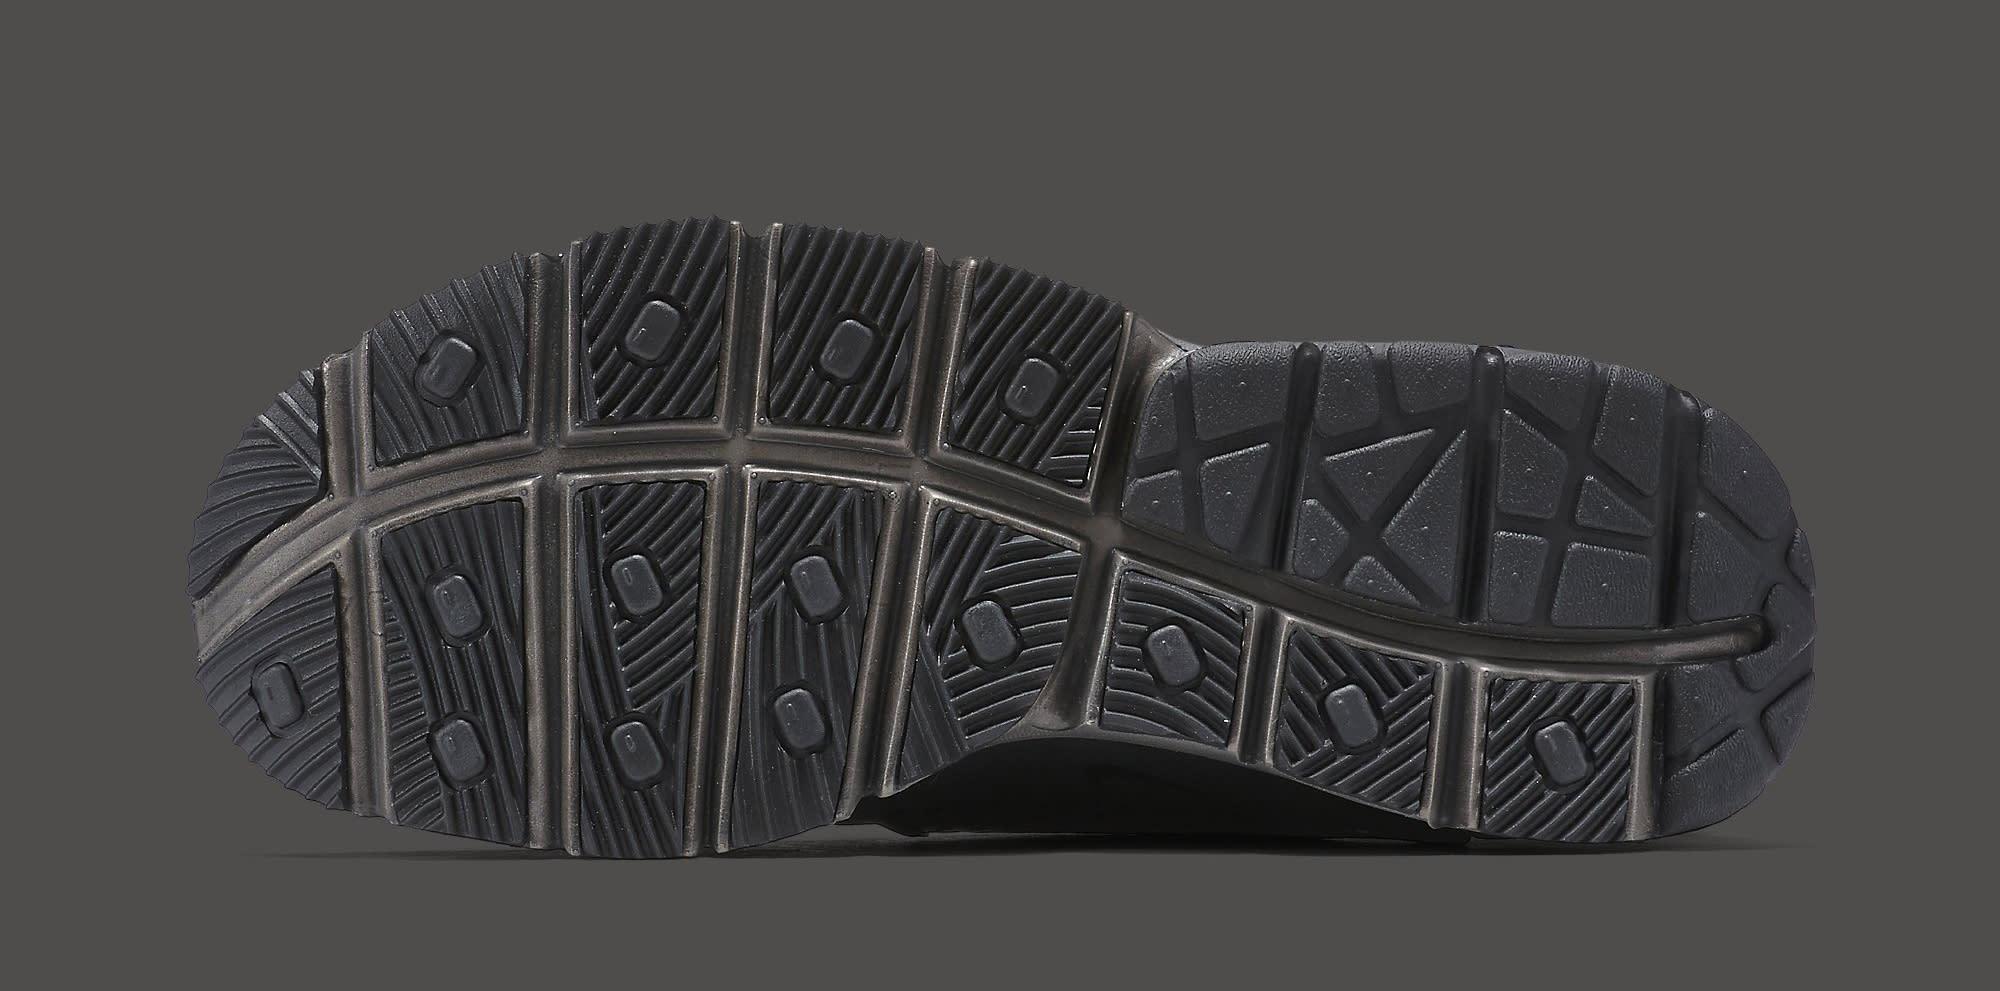 Stone Island Nike Sock Dart 910090-001 Sole